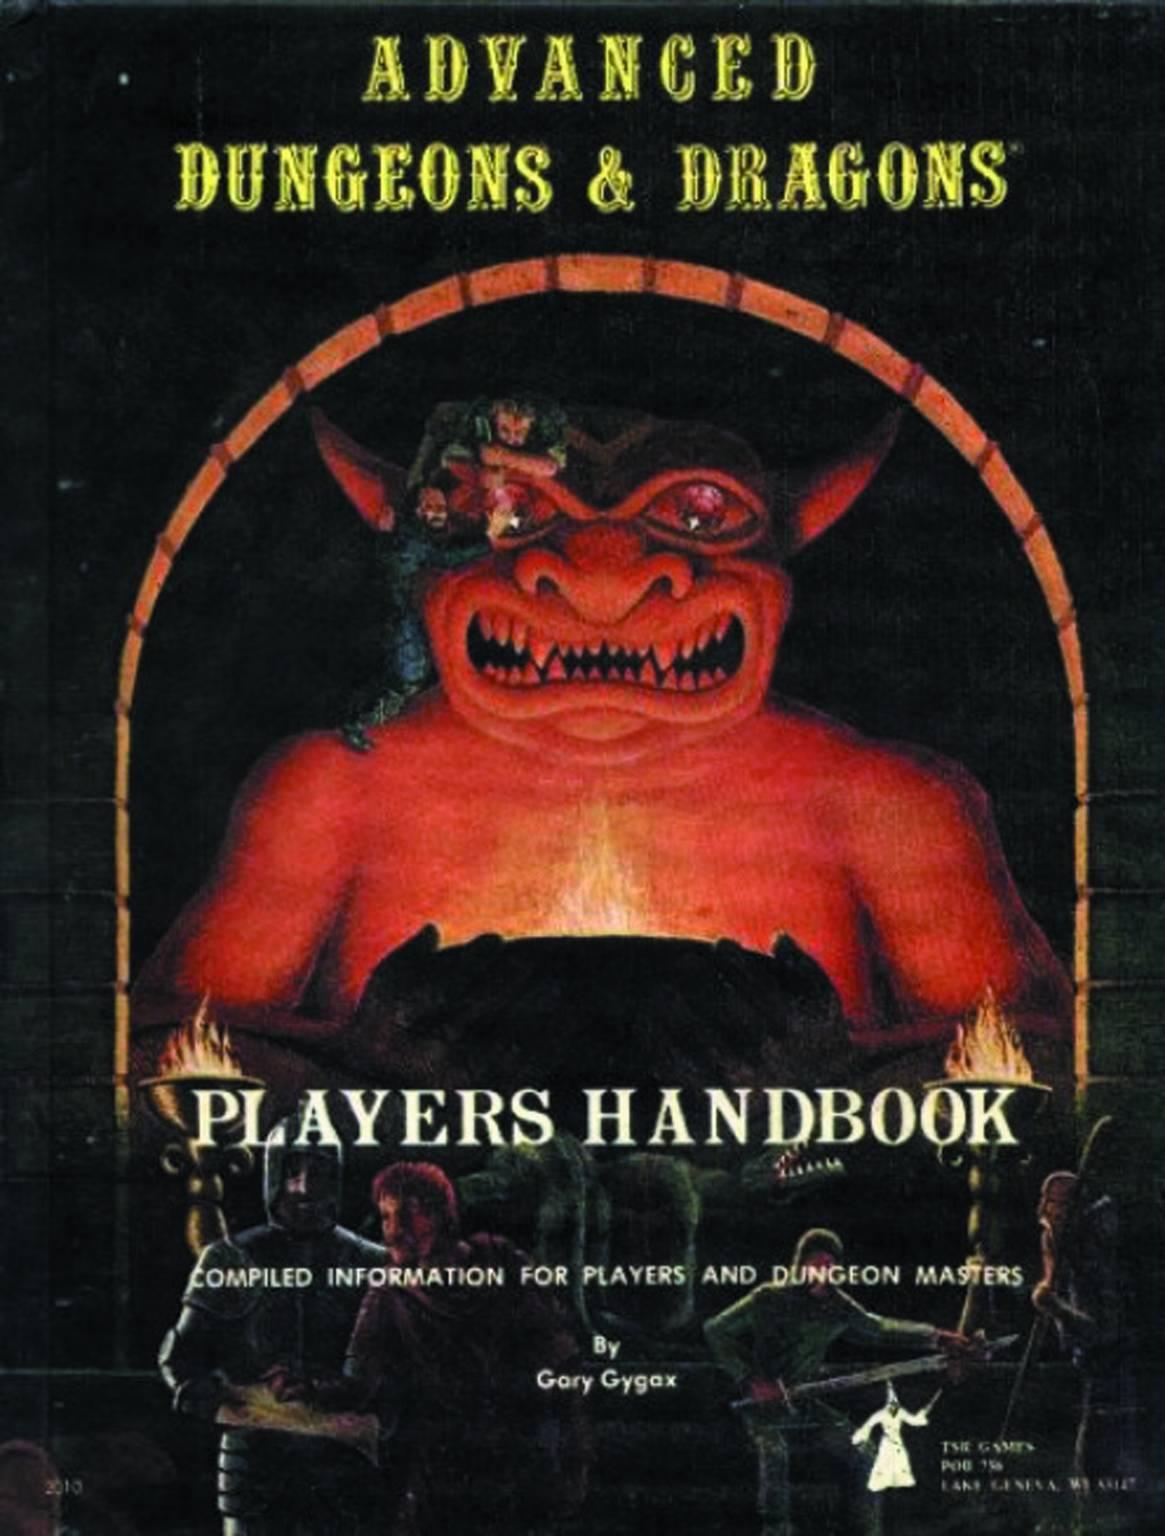 D&D Players Handbood